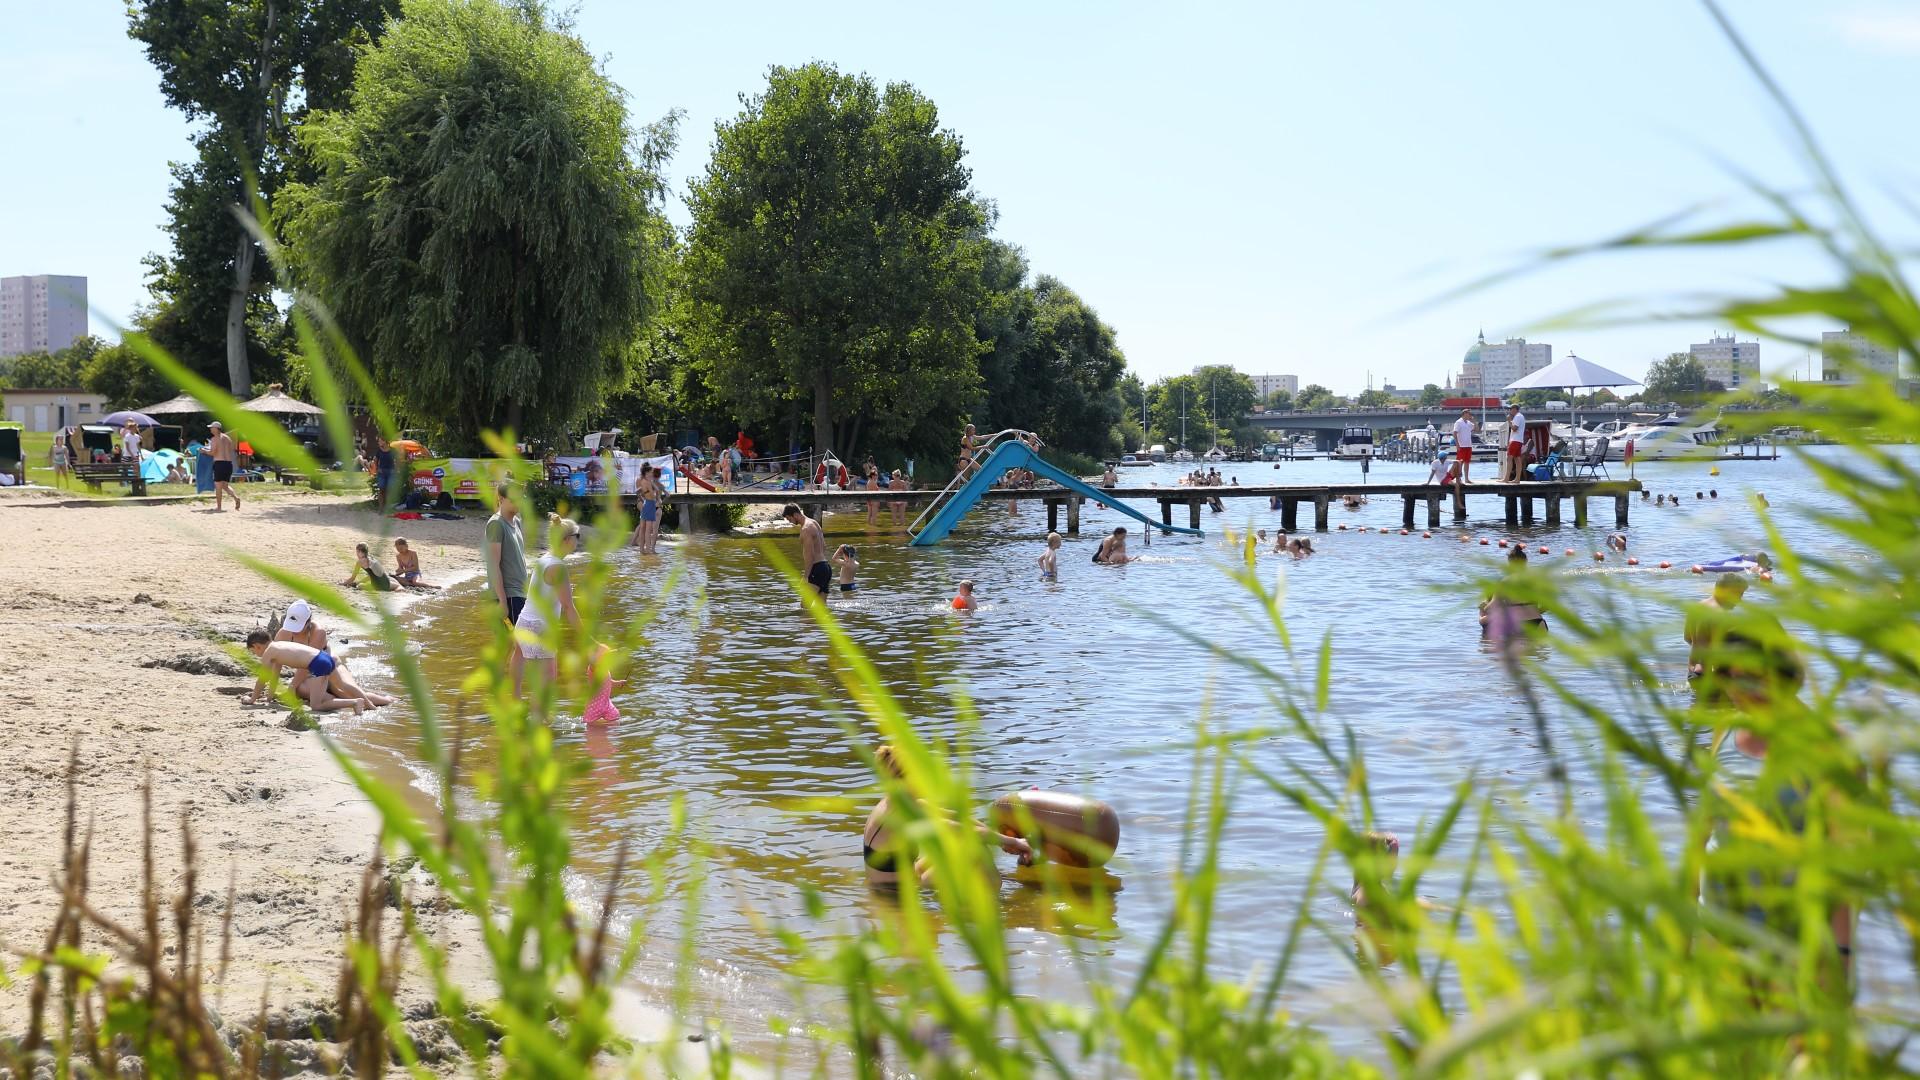 Strand im Stadtbad Park Babelsberg